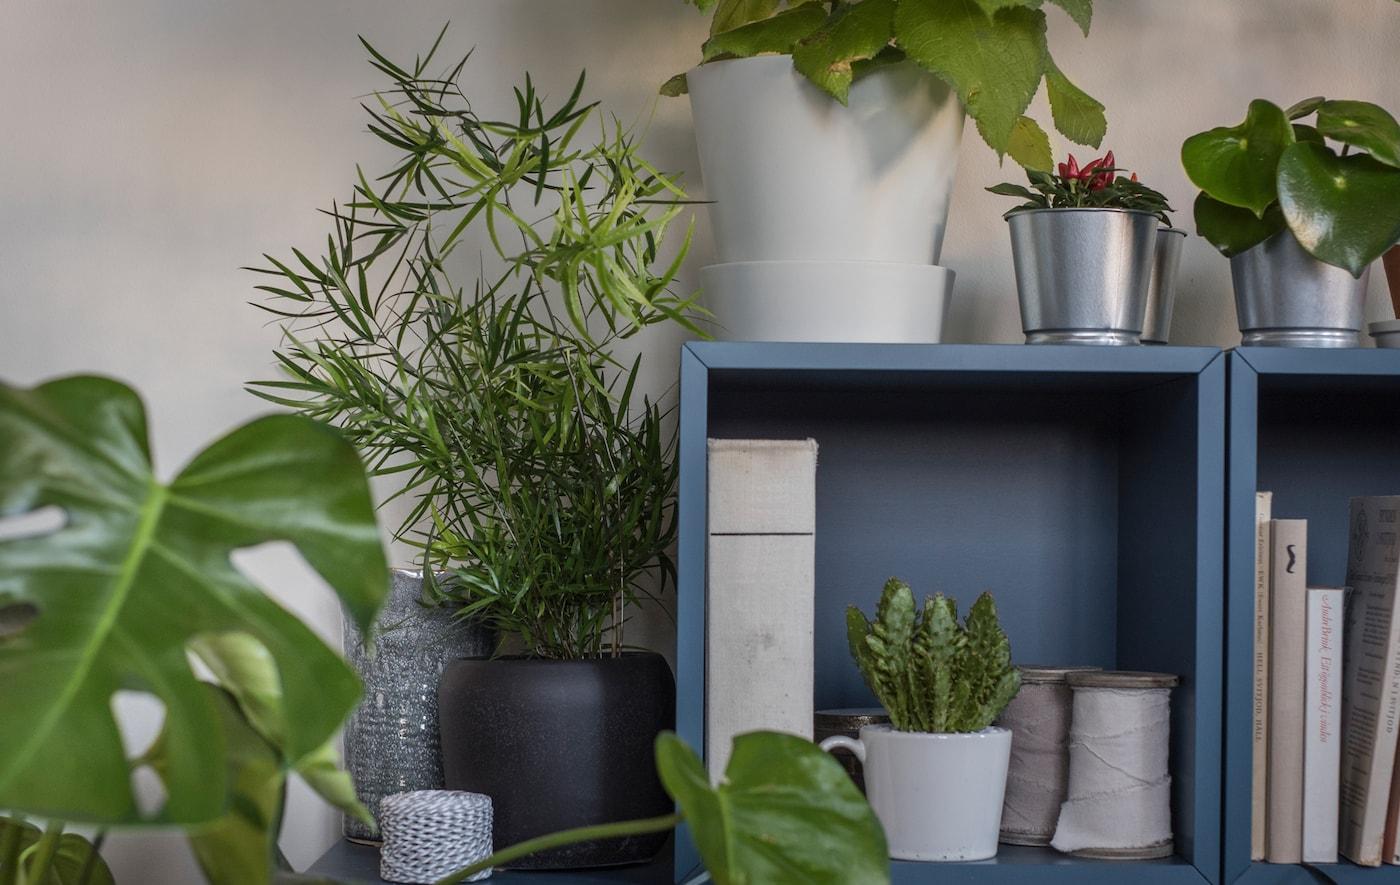 2 armoires bleues empilées posées par terre dans un séjour, avec livres et plantes à l'intérieur et plantes tout autour.